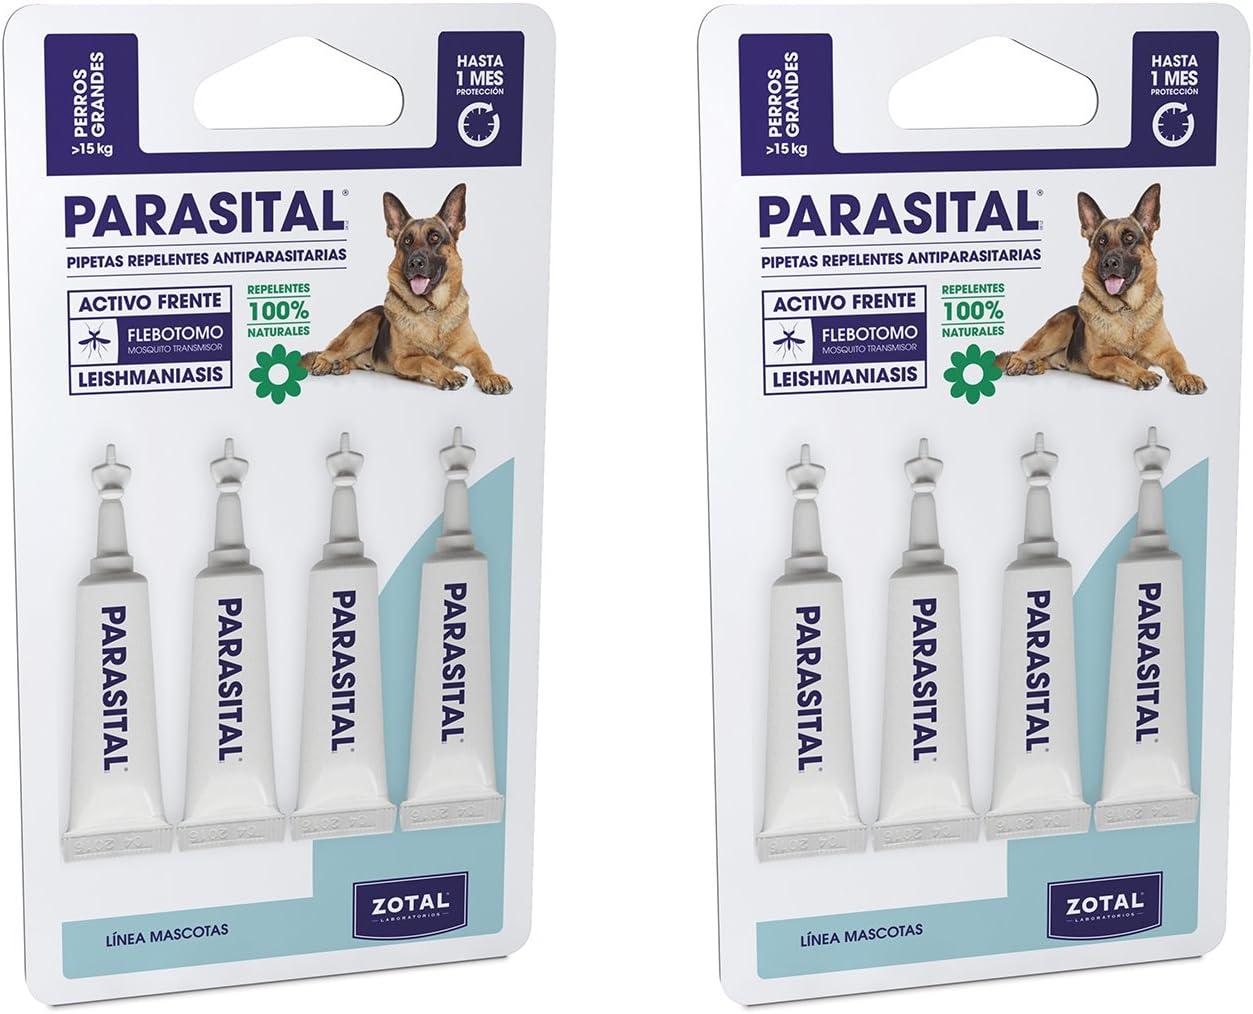 Parasital Pipetas Antiparasitarias para Perros Grandes de más de 15 kg - Pack de 8x5ml de Zotal - Activo Contra Leishmaniasis y demás Mosquitos, Pulgas y Garrapatas - Repelente 100% Natural